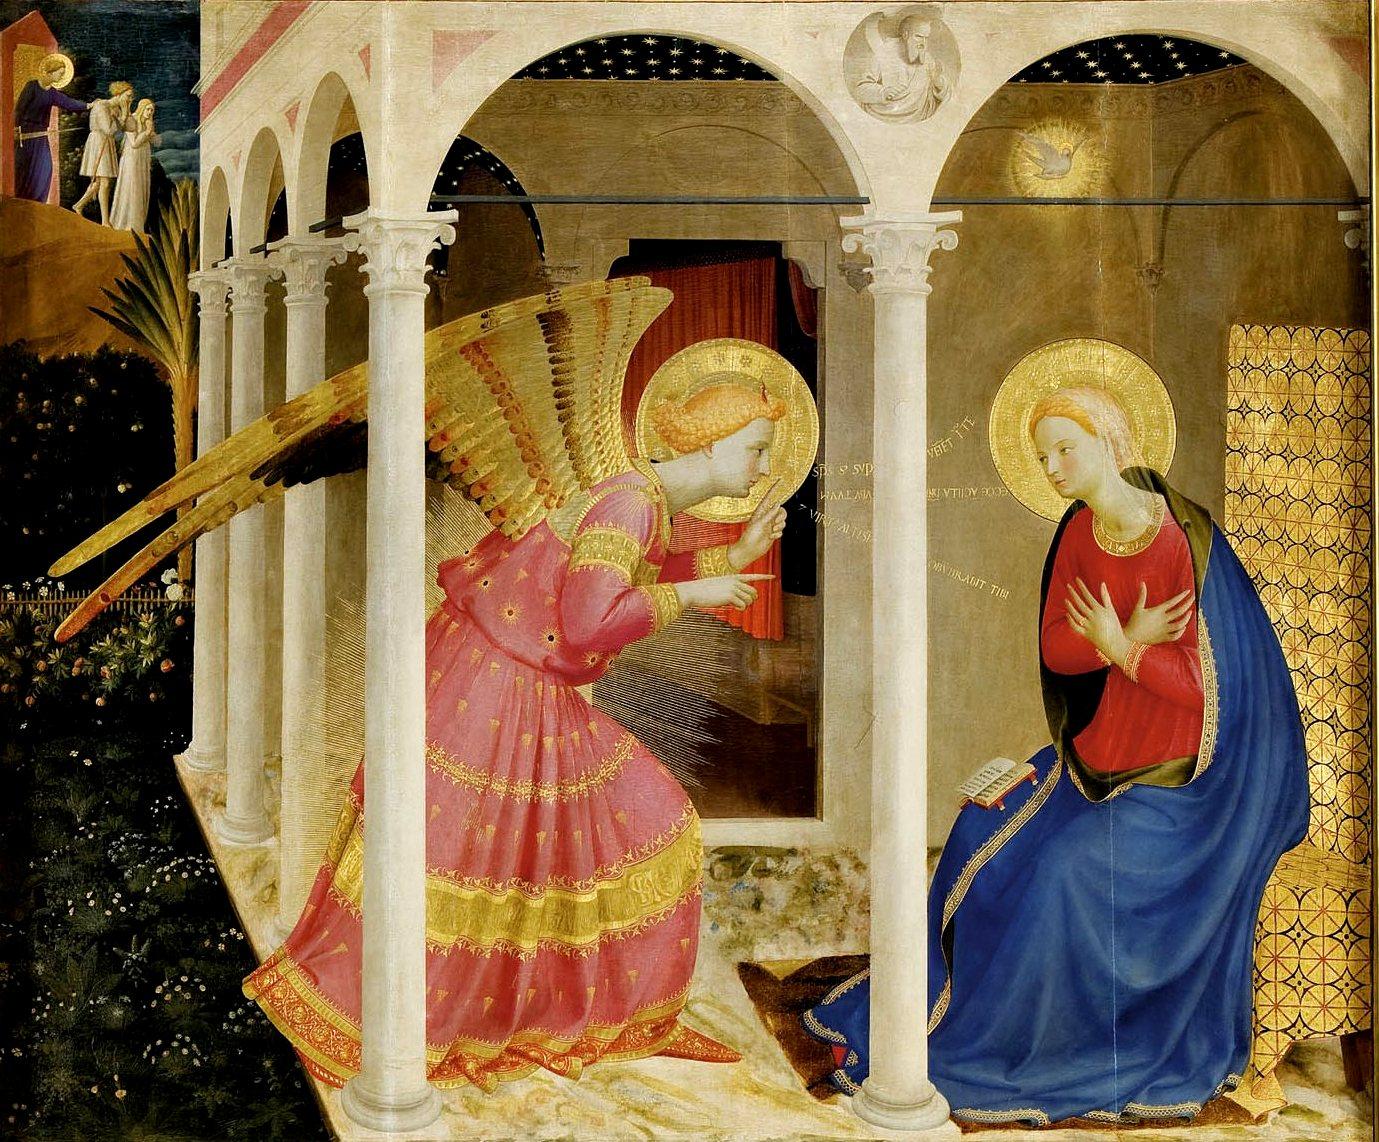 beato-angelico-annunciazione-museo-diocesano-cortona